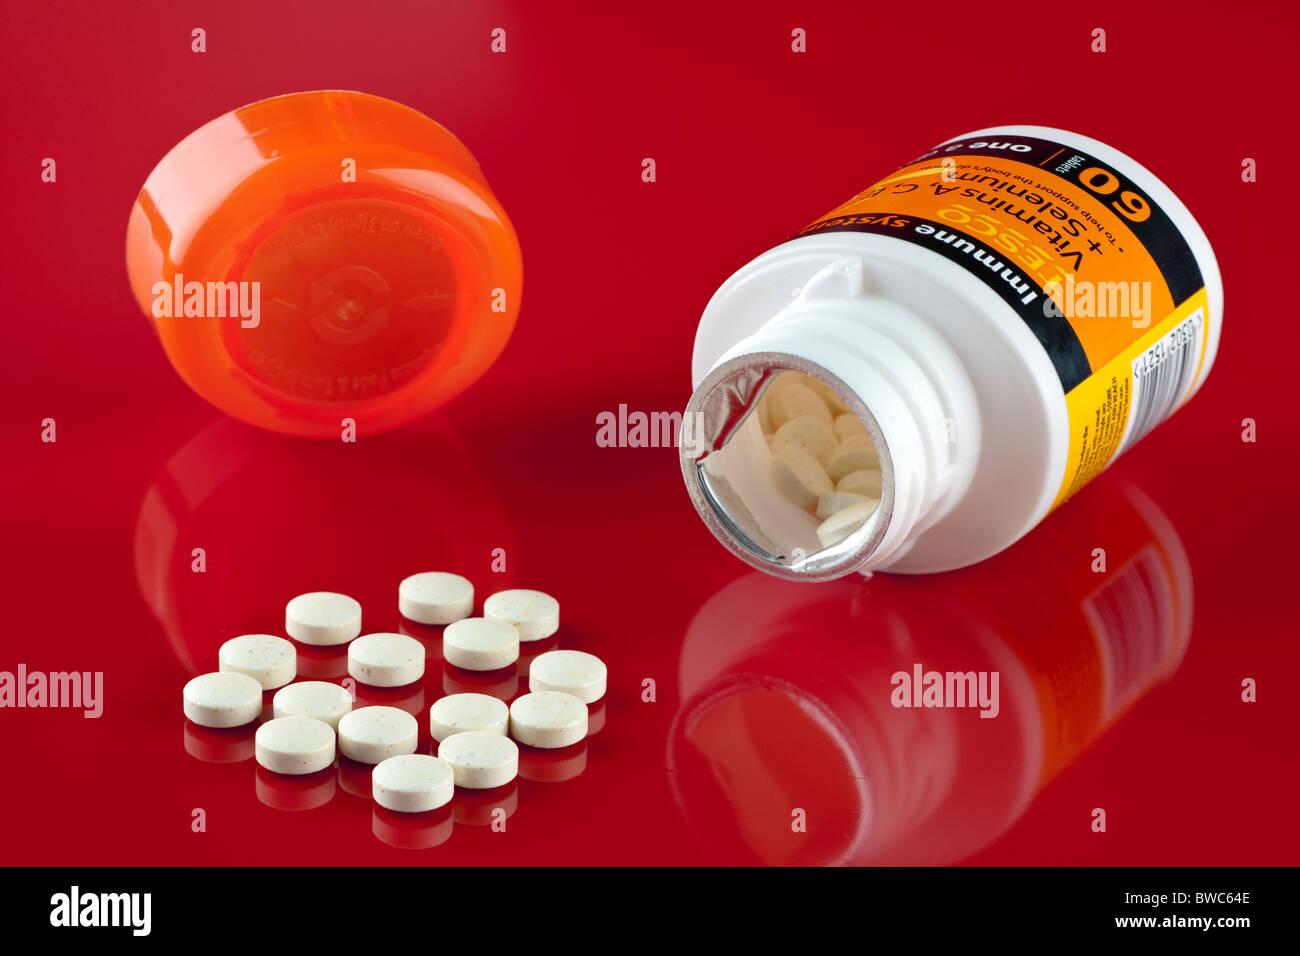 60 Tablette Wanne mit Tesco eine ein Tag Vitamine A-C-E und Selen Stockbild